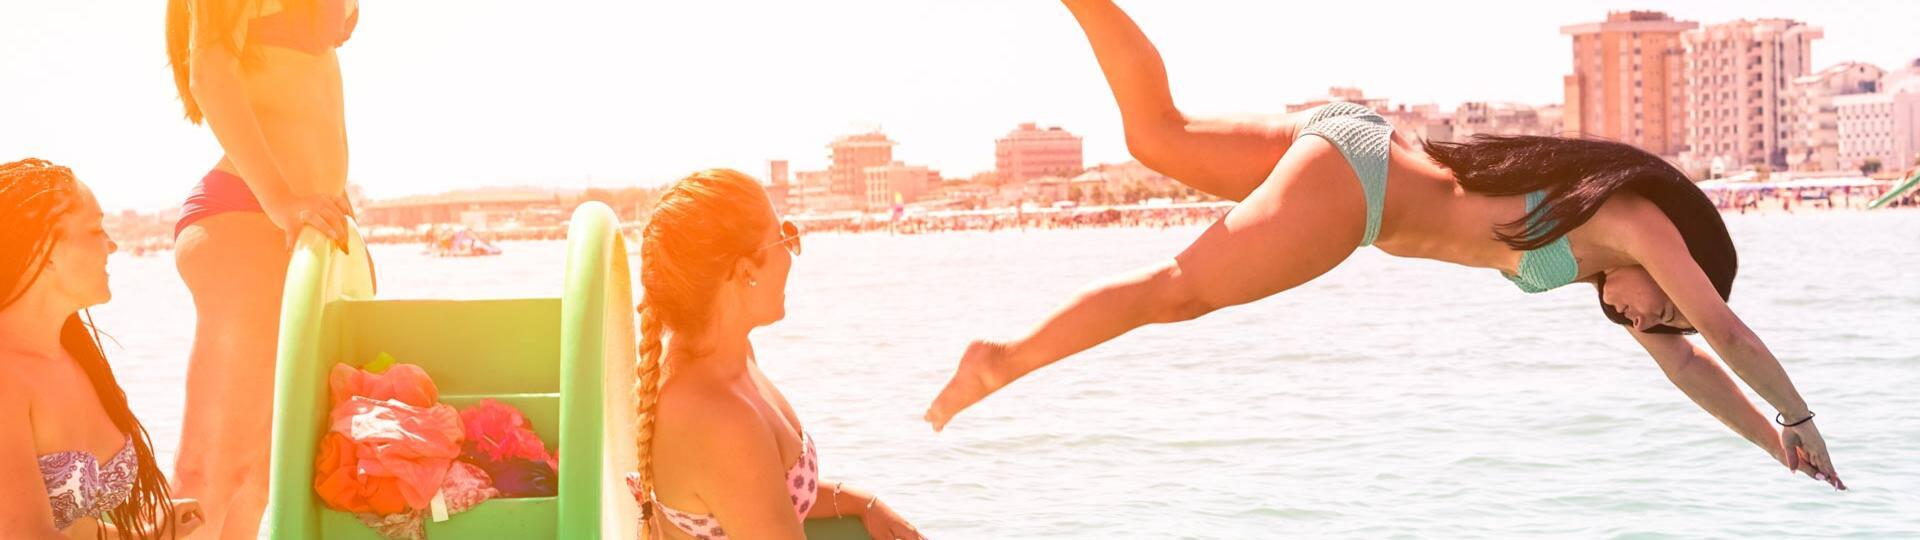 hotelbelliniriccione it offerta-vacanza-di-maggio-in-hotel-a-riccione-vicino-al-mare 013